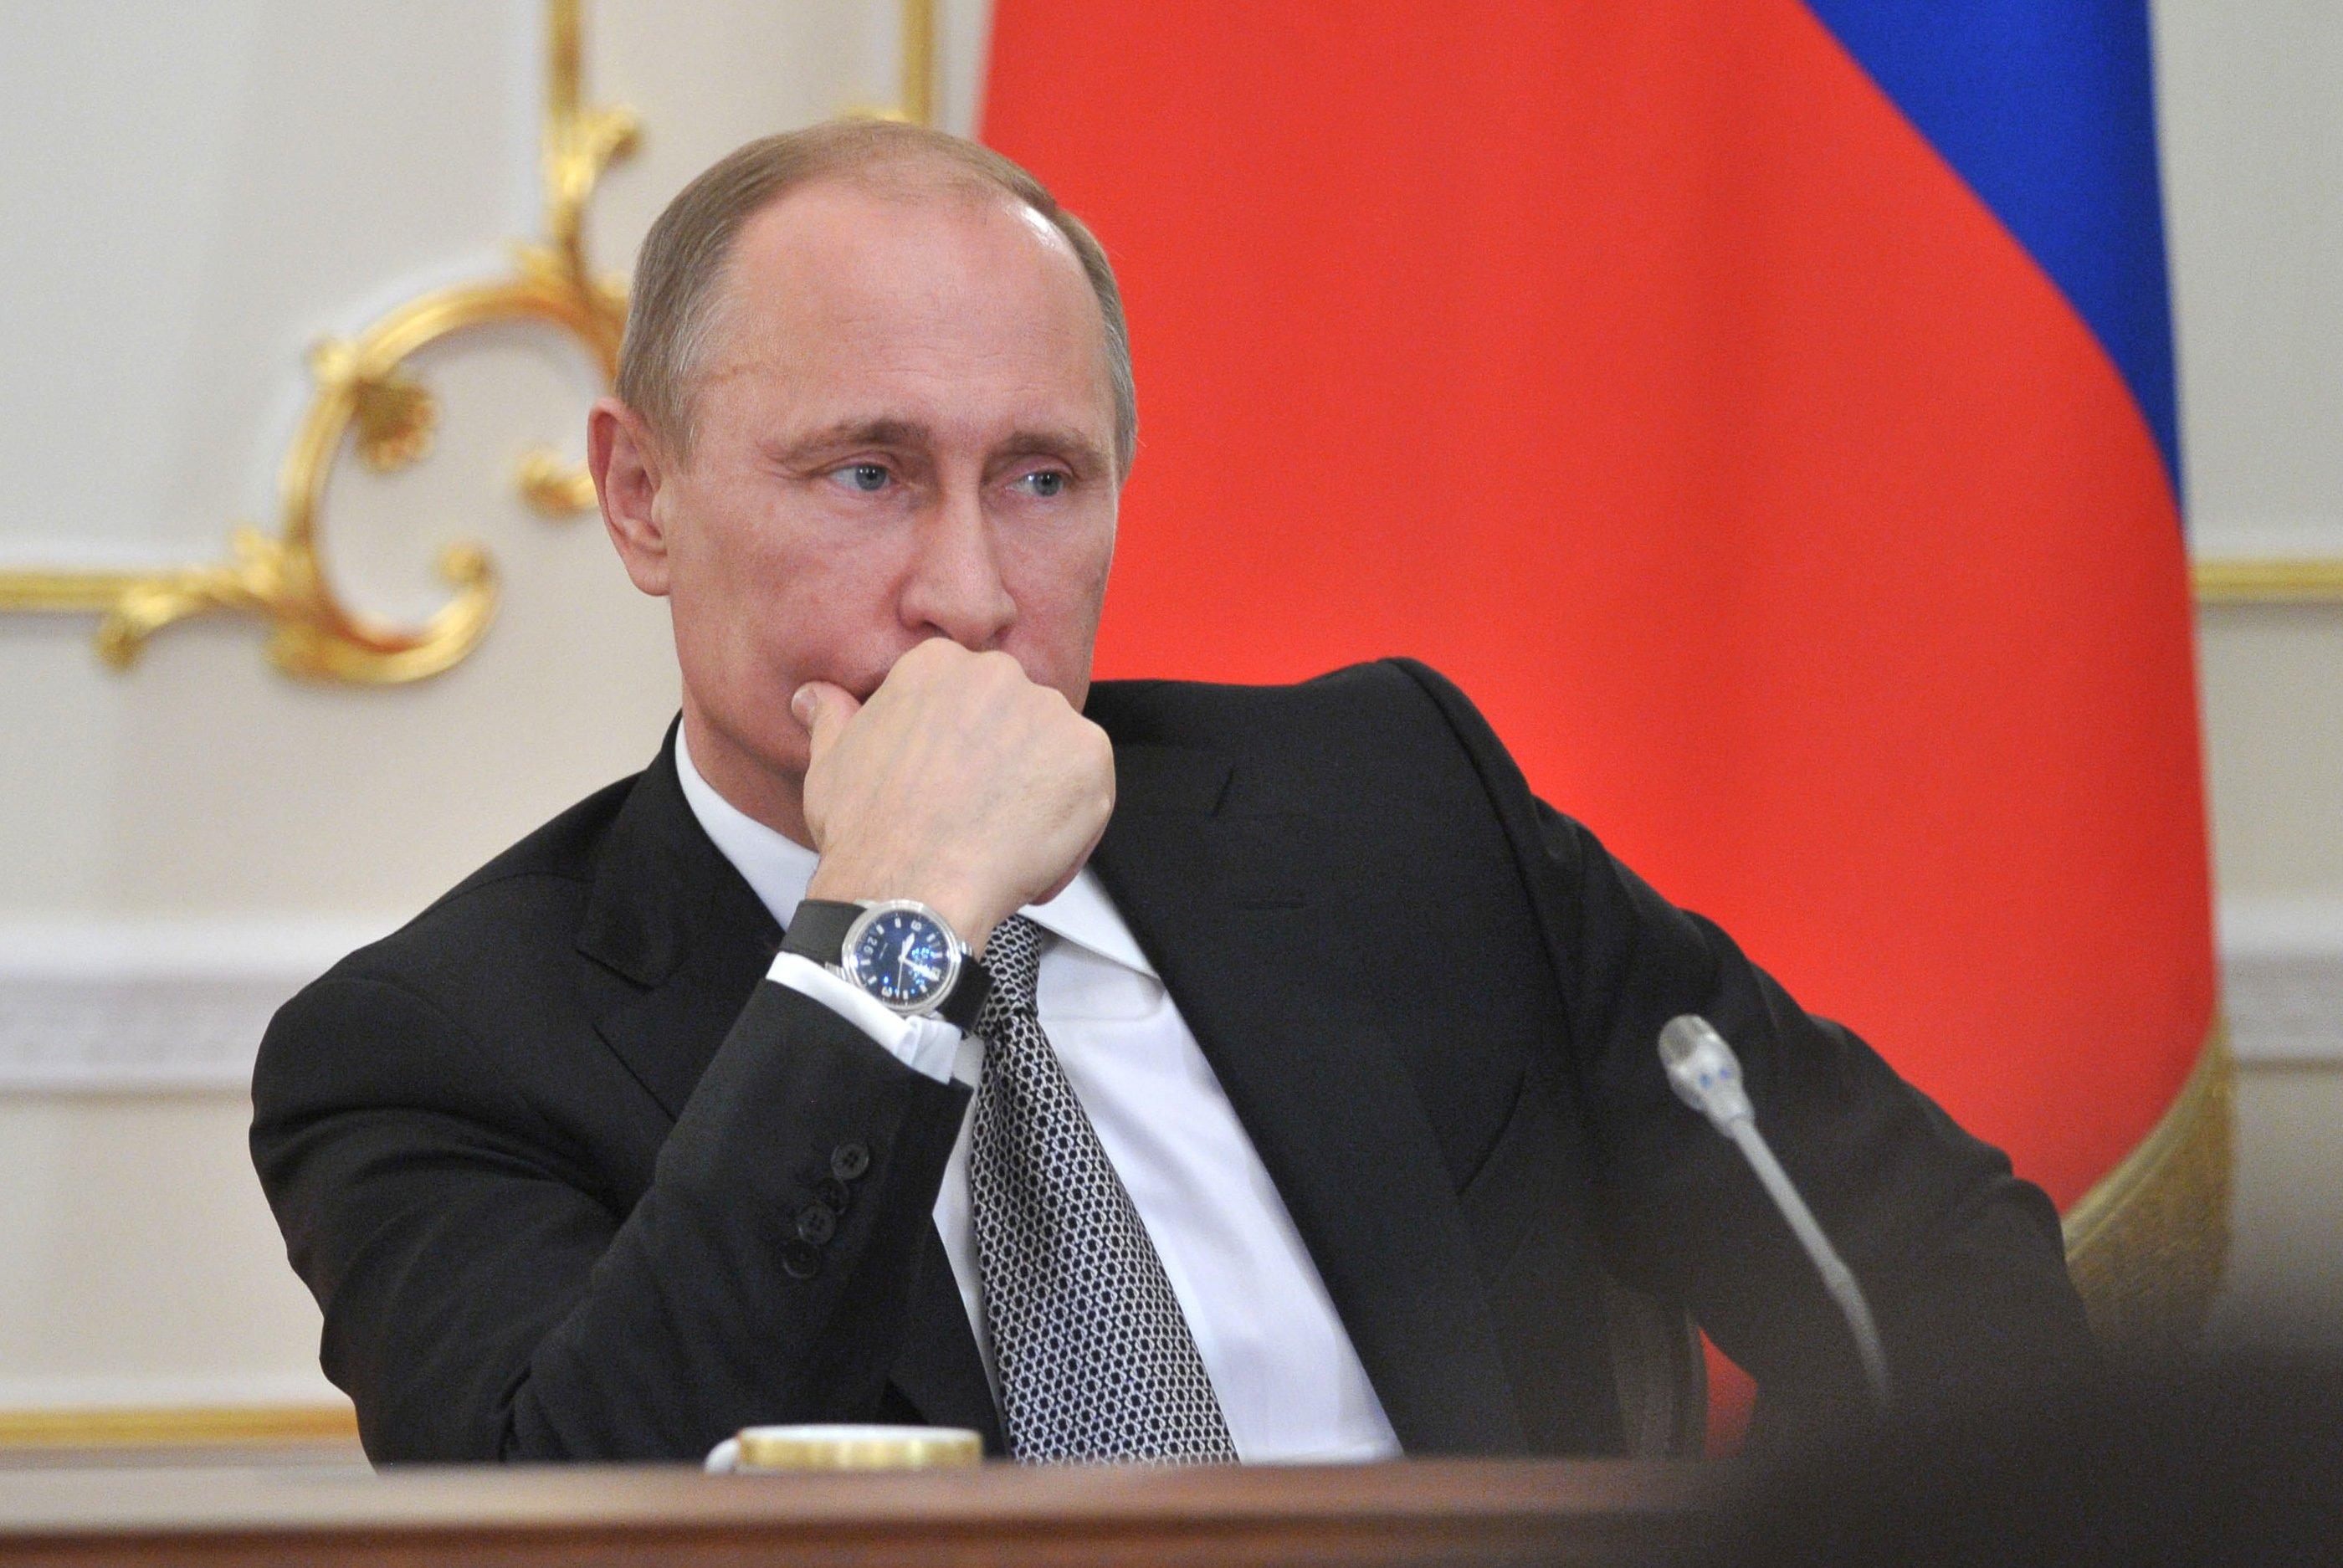 У Владимира Владимировича Путина сегодня день рождения - Изображение 1